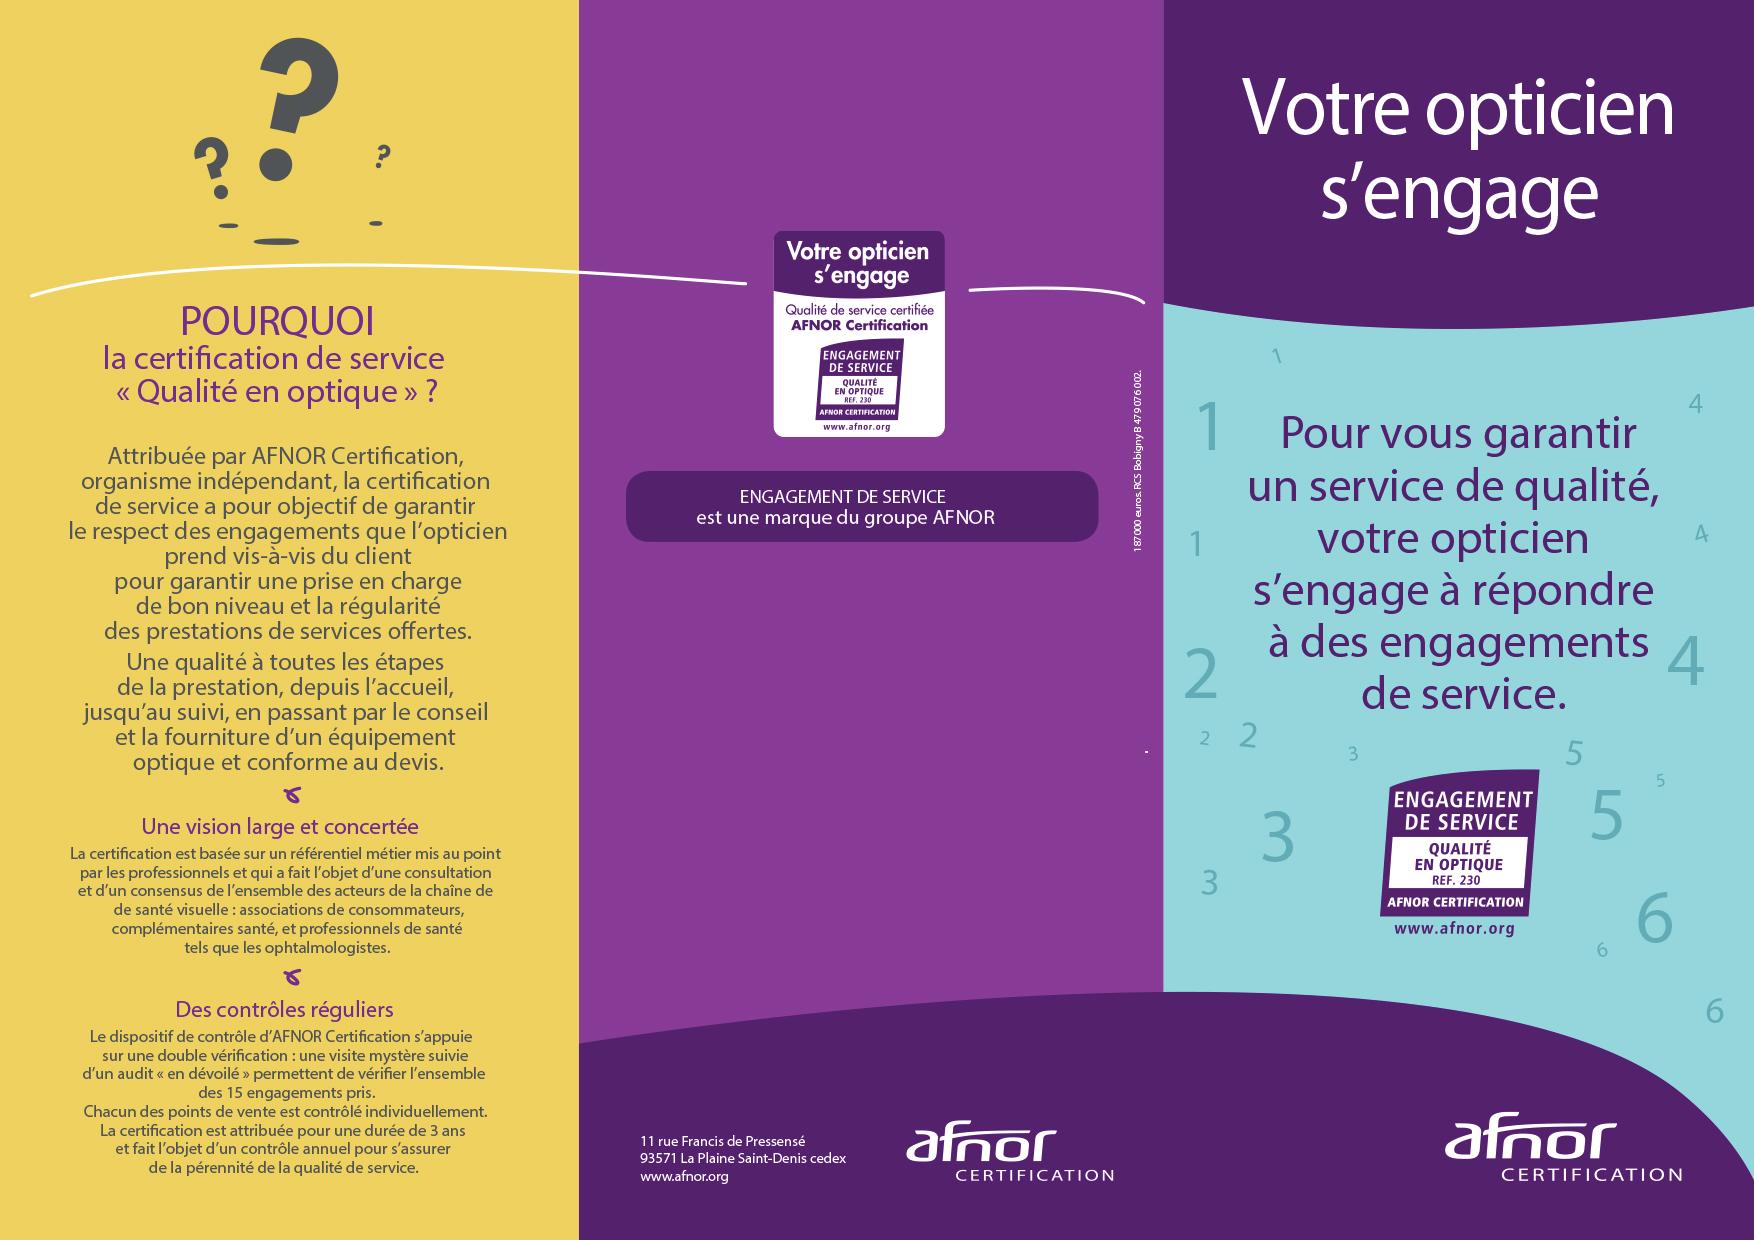 AFNOR-Certification-Opticiens-engagez-vous01